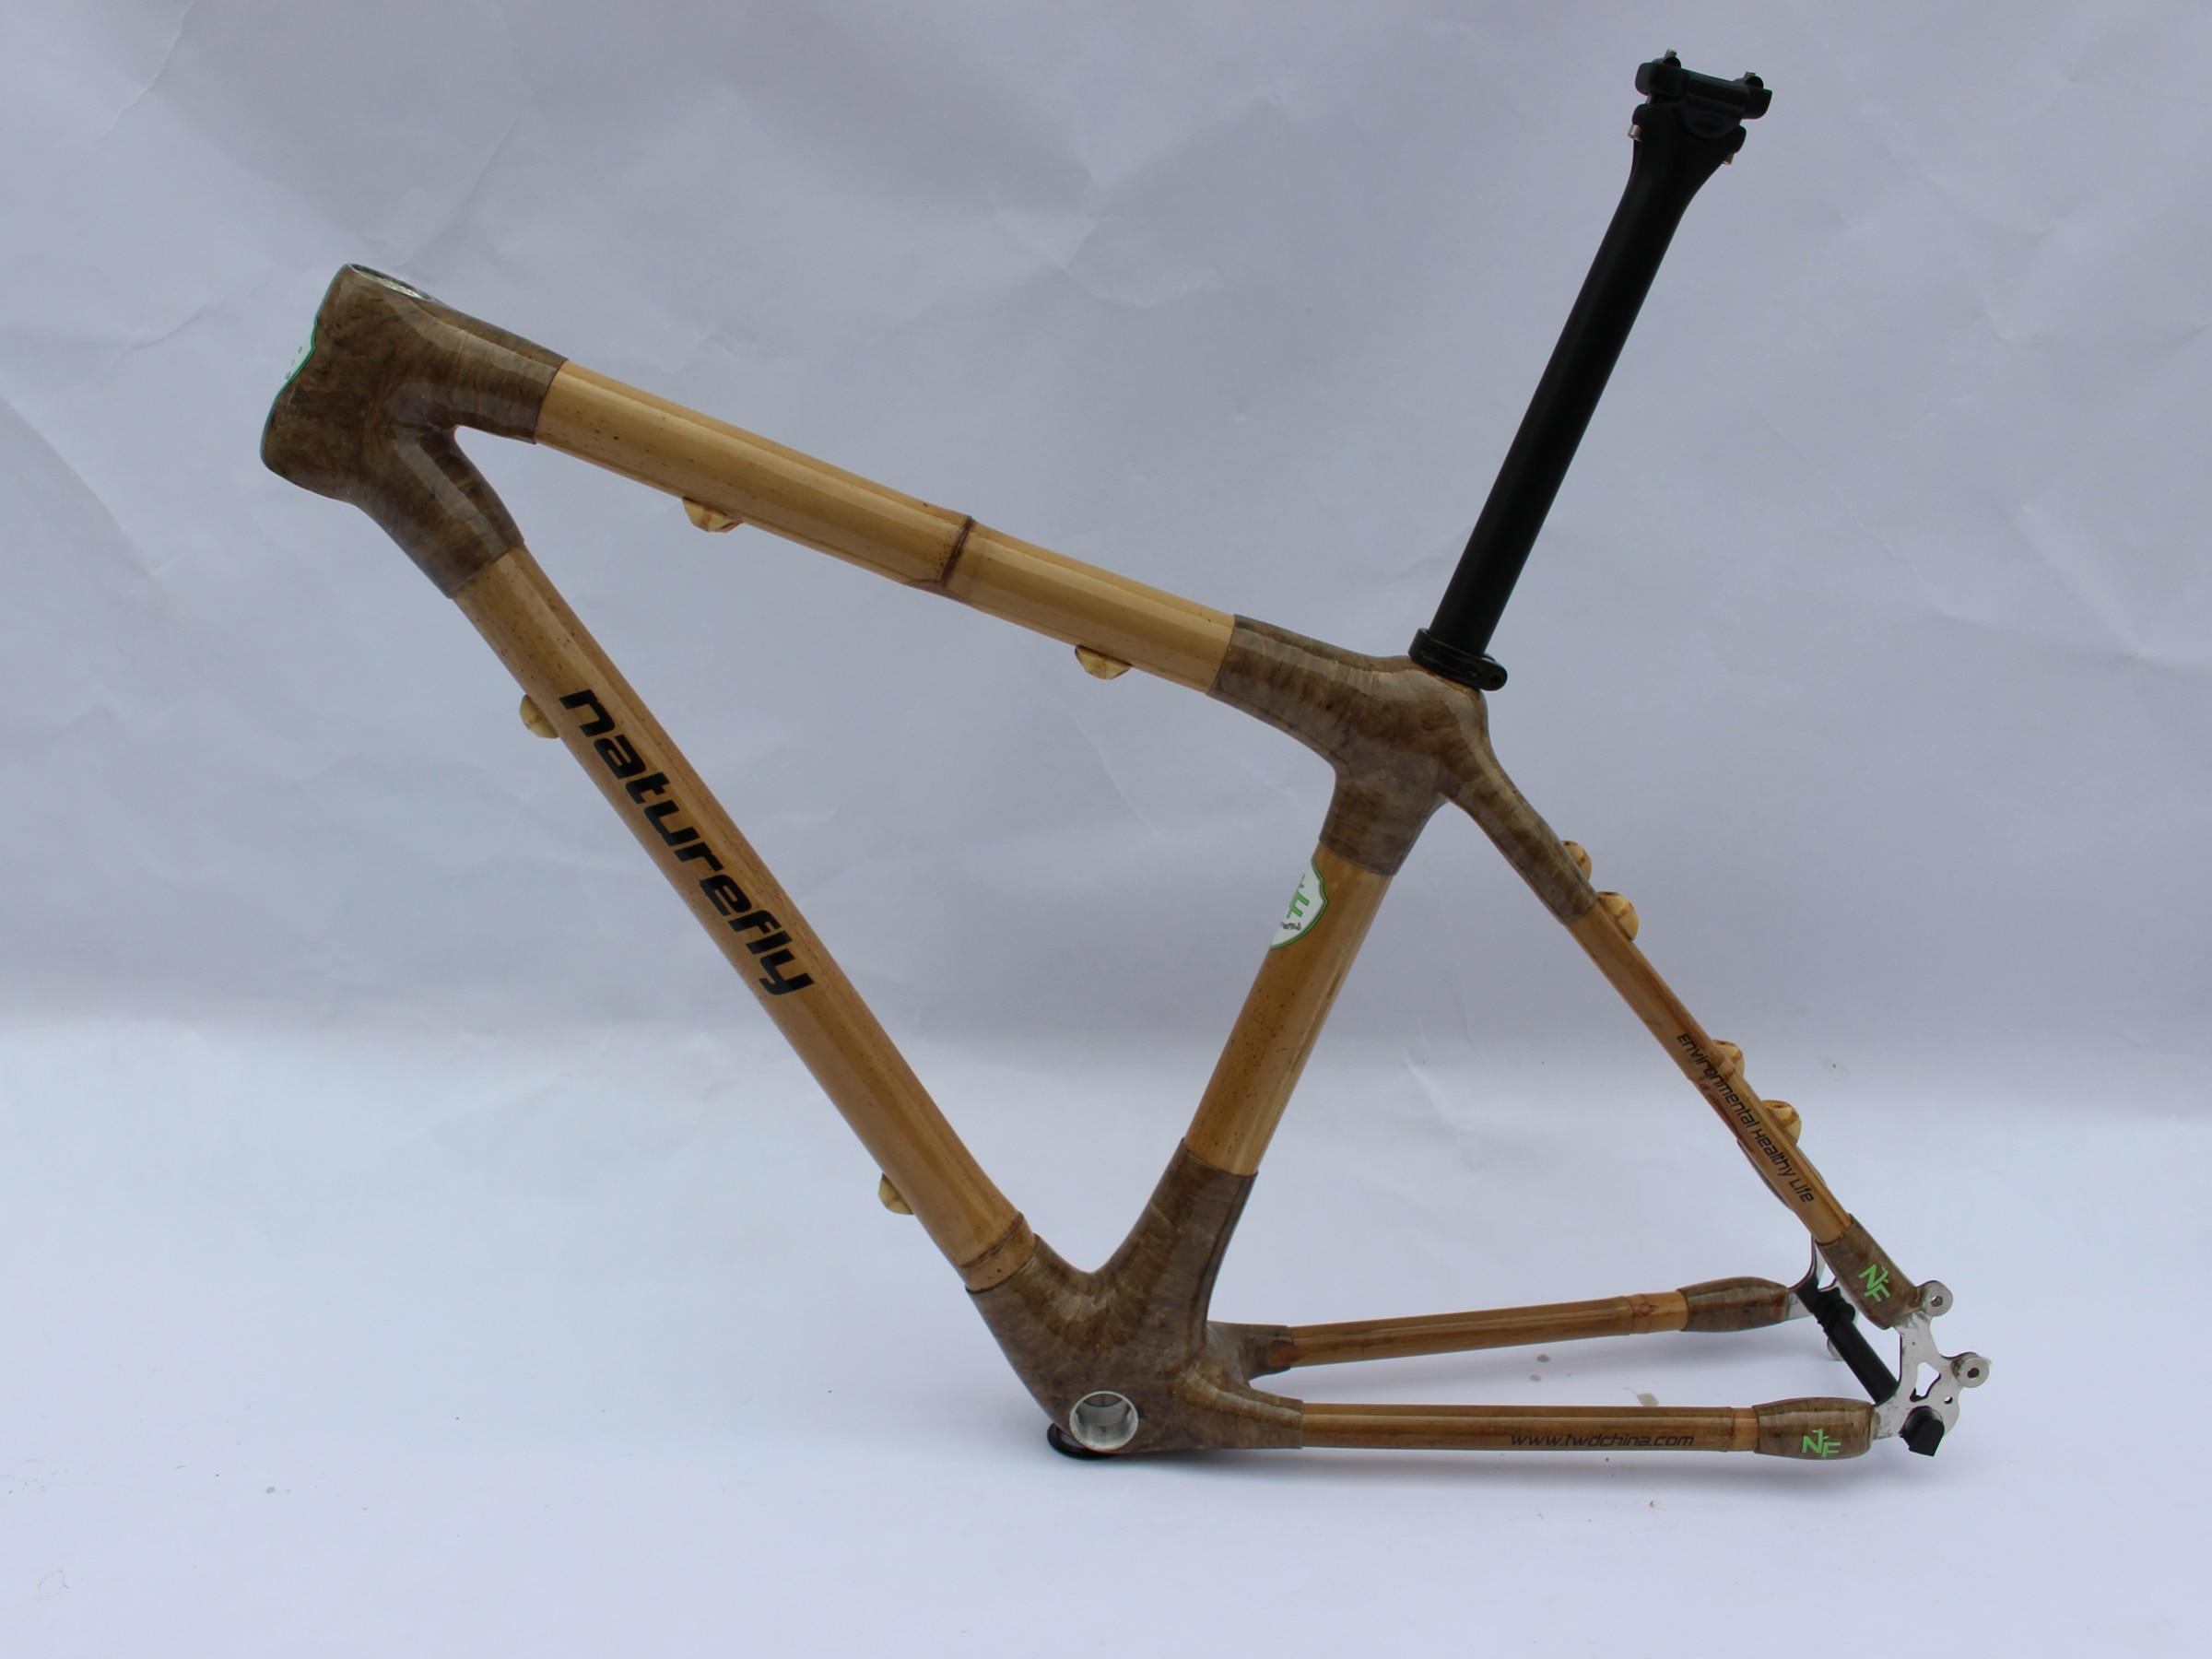 ¡Novedades! ¡Envío gratis! Cuadro de bicicleta de montaña de bambú 29er 2020